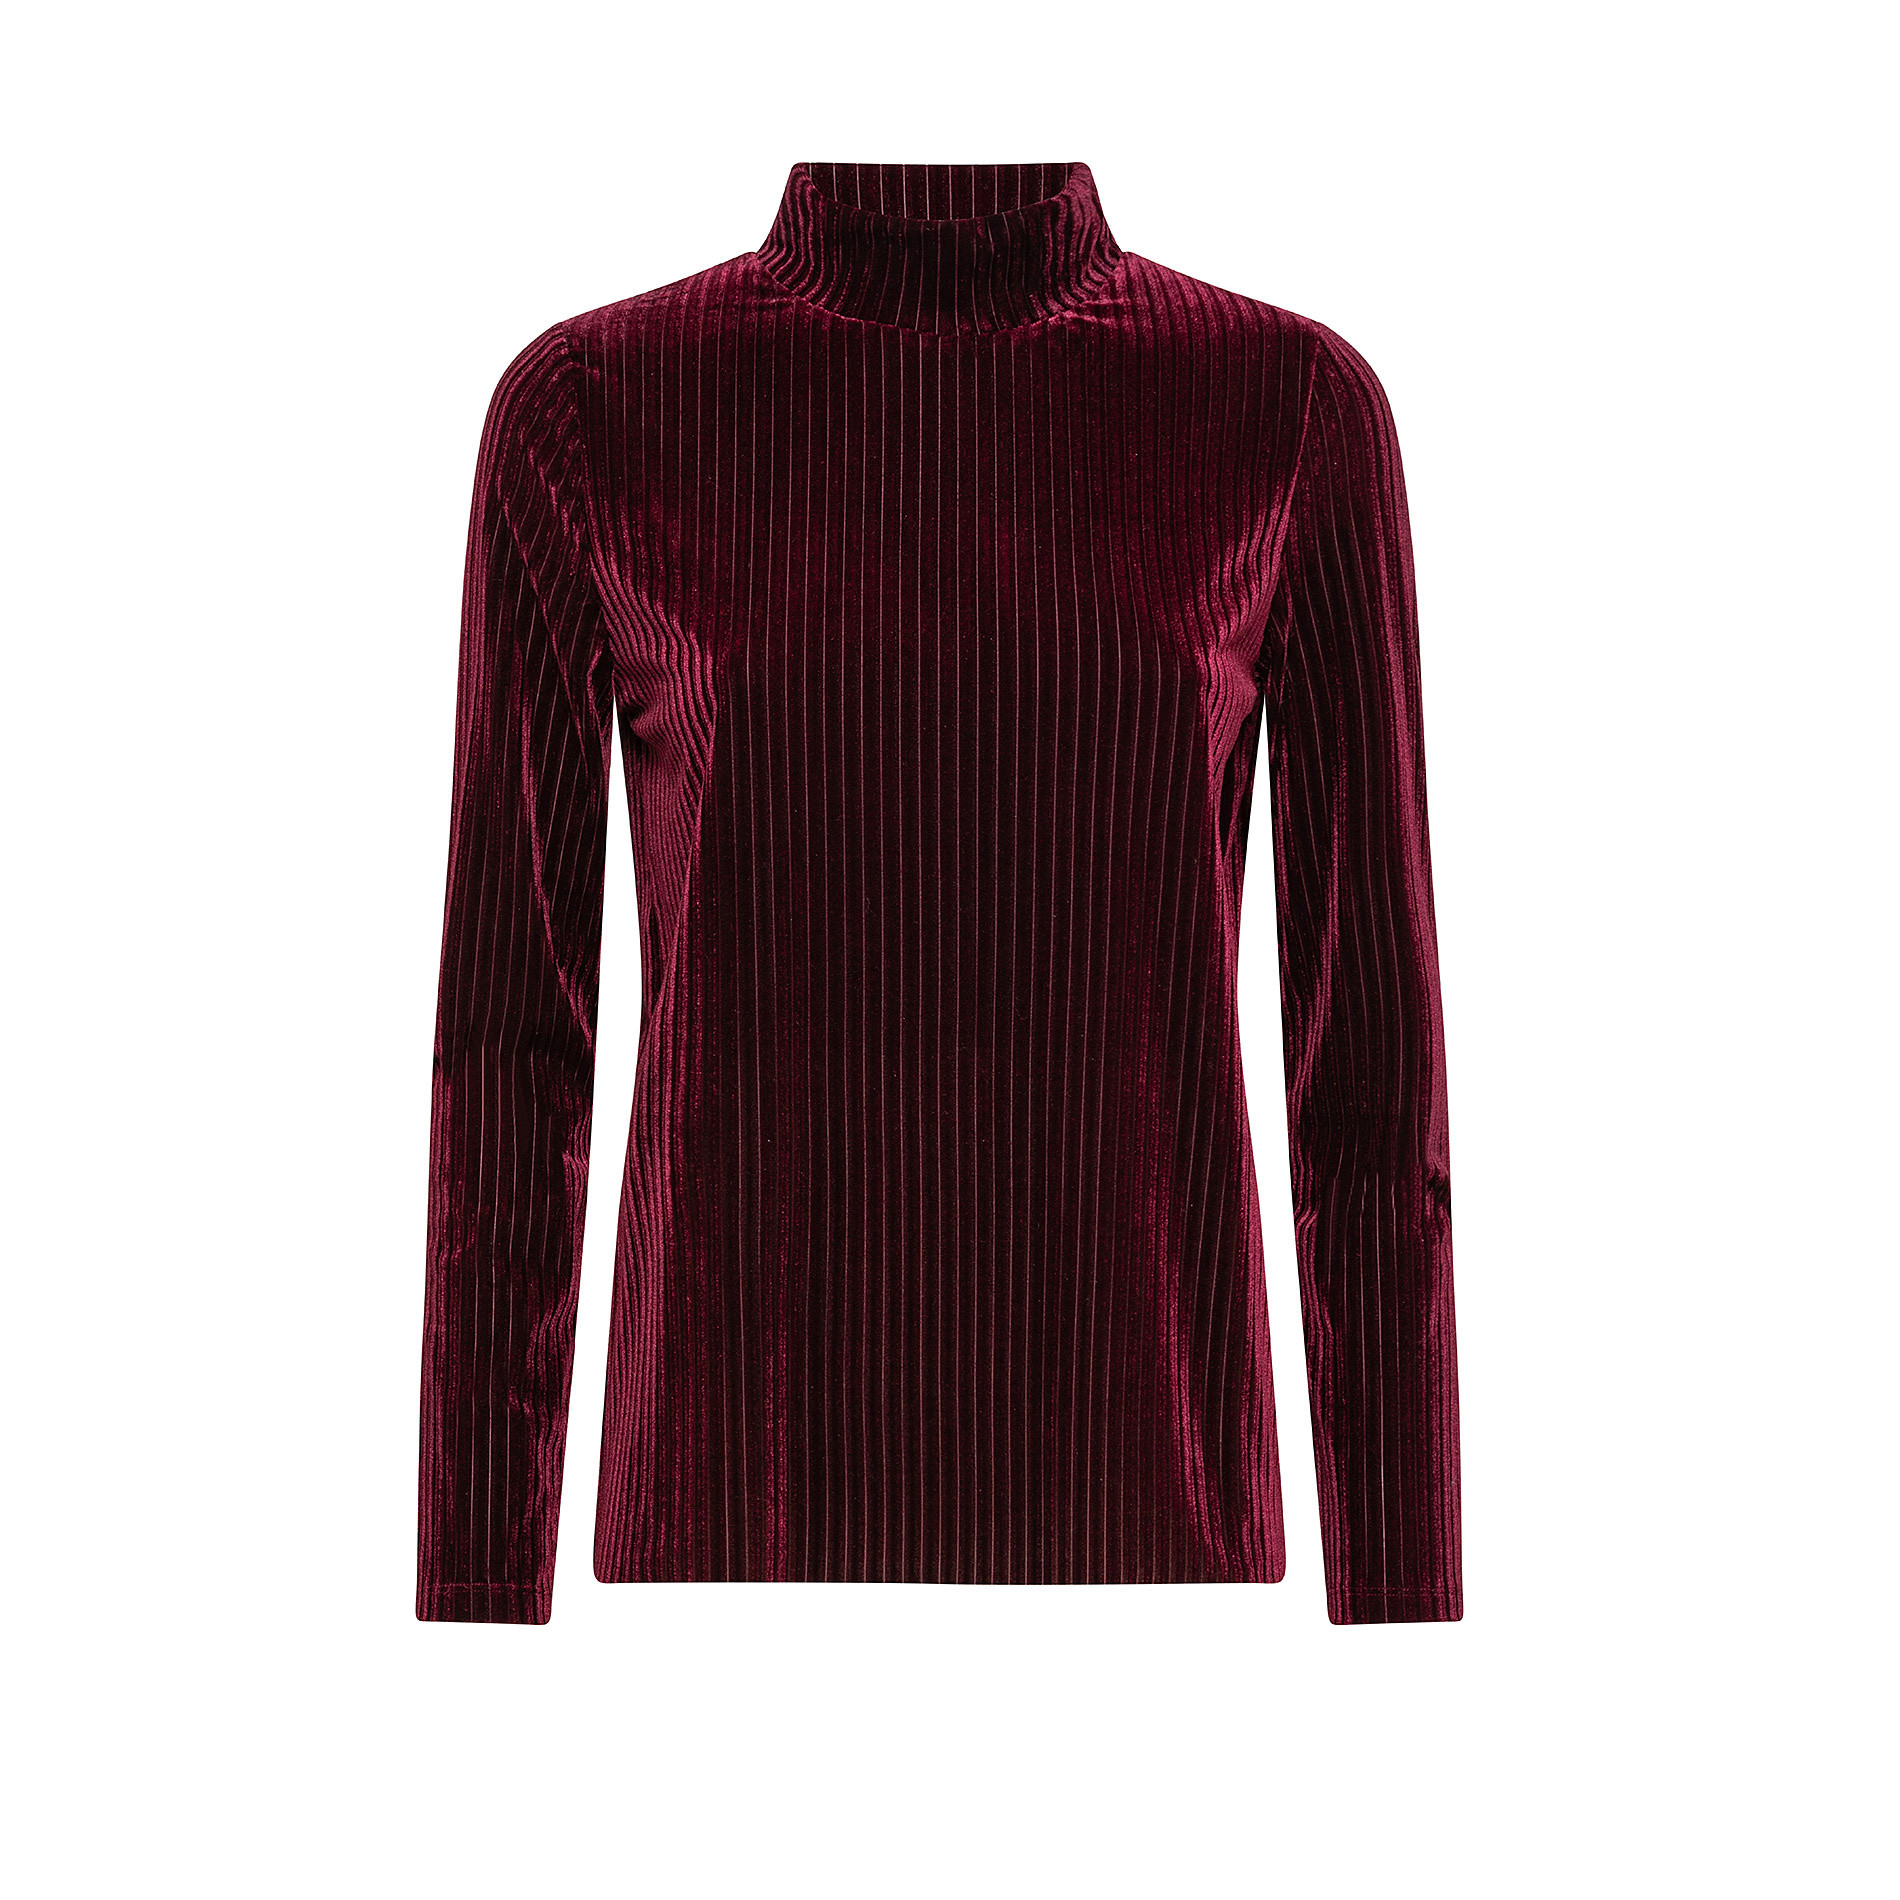 T-shirt collo alto in ciniglia, Rosso scuro, large image number 0